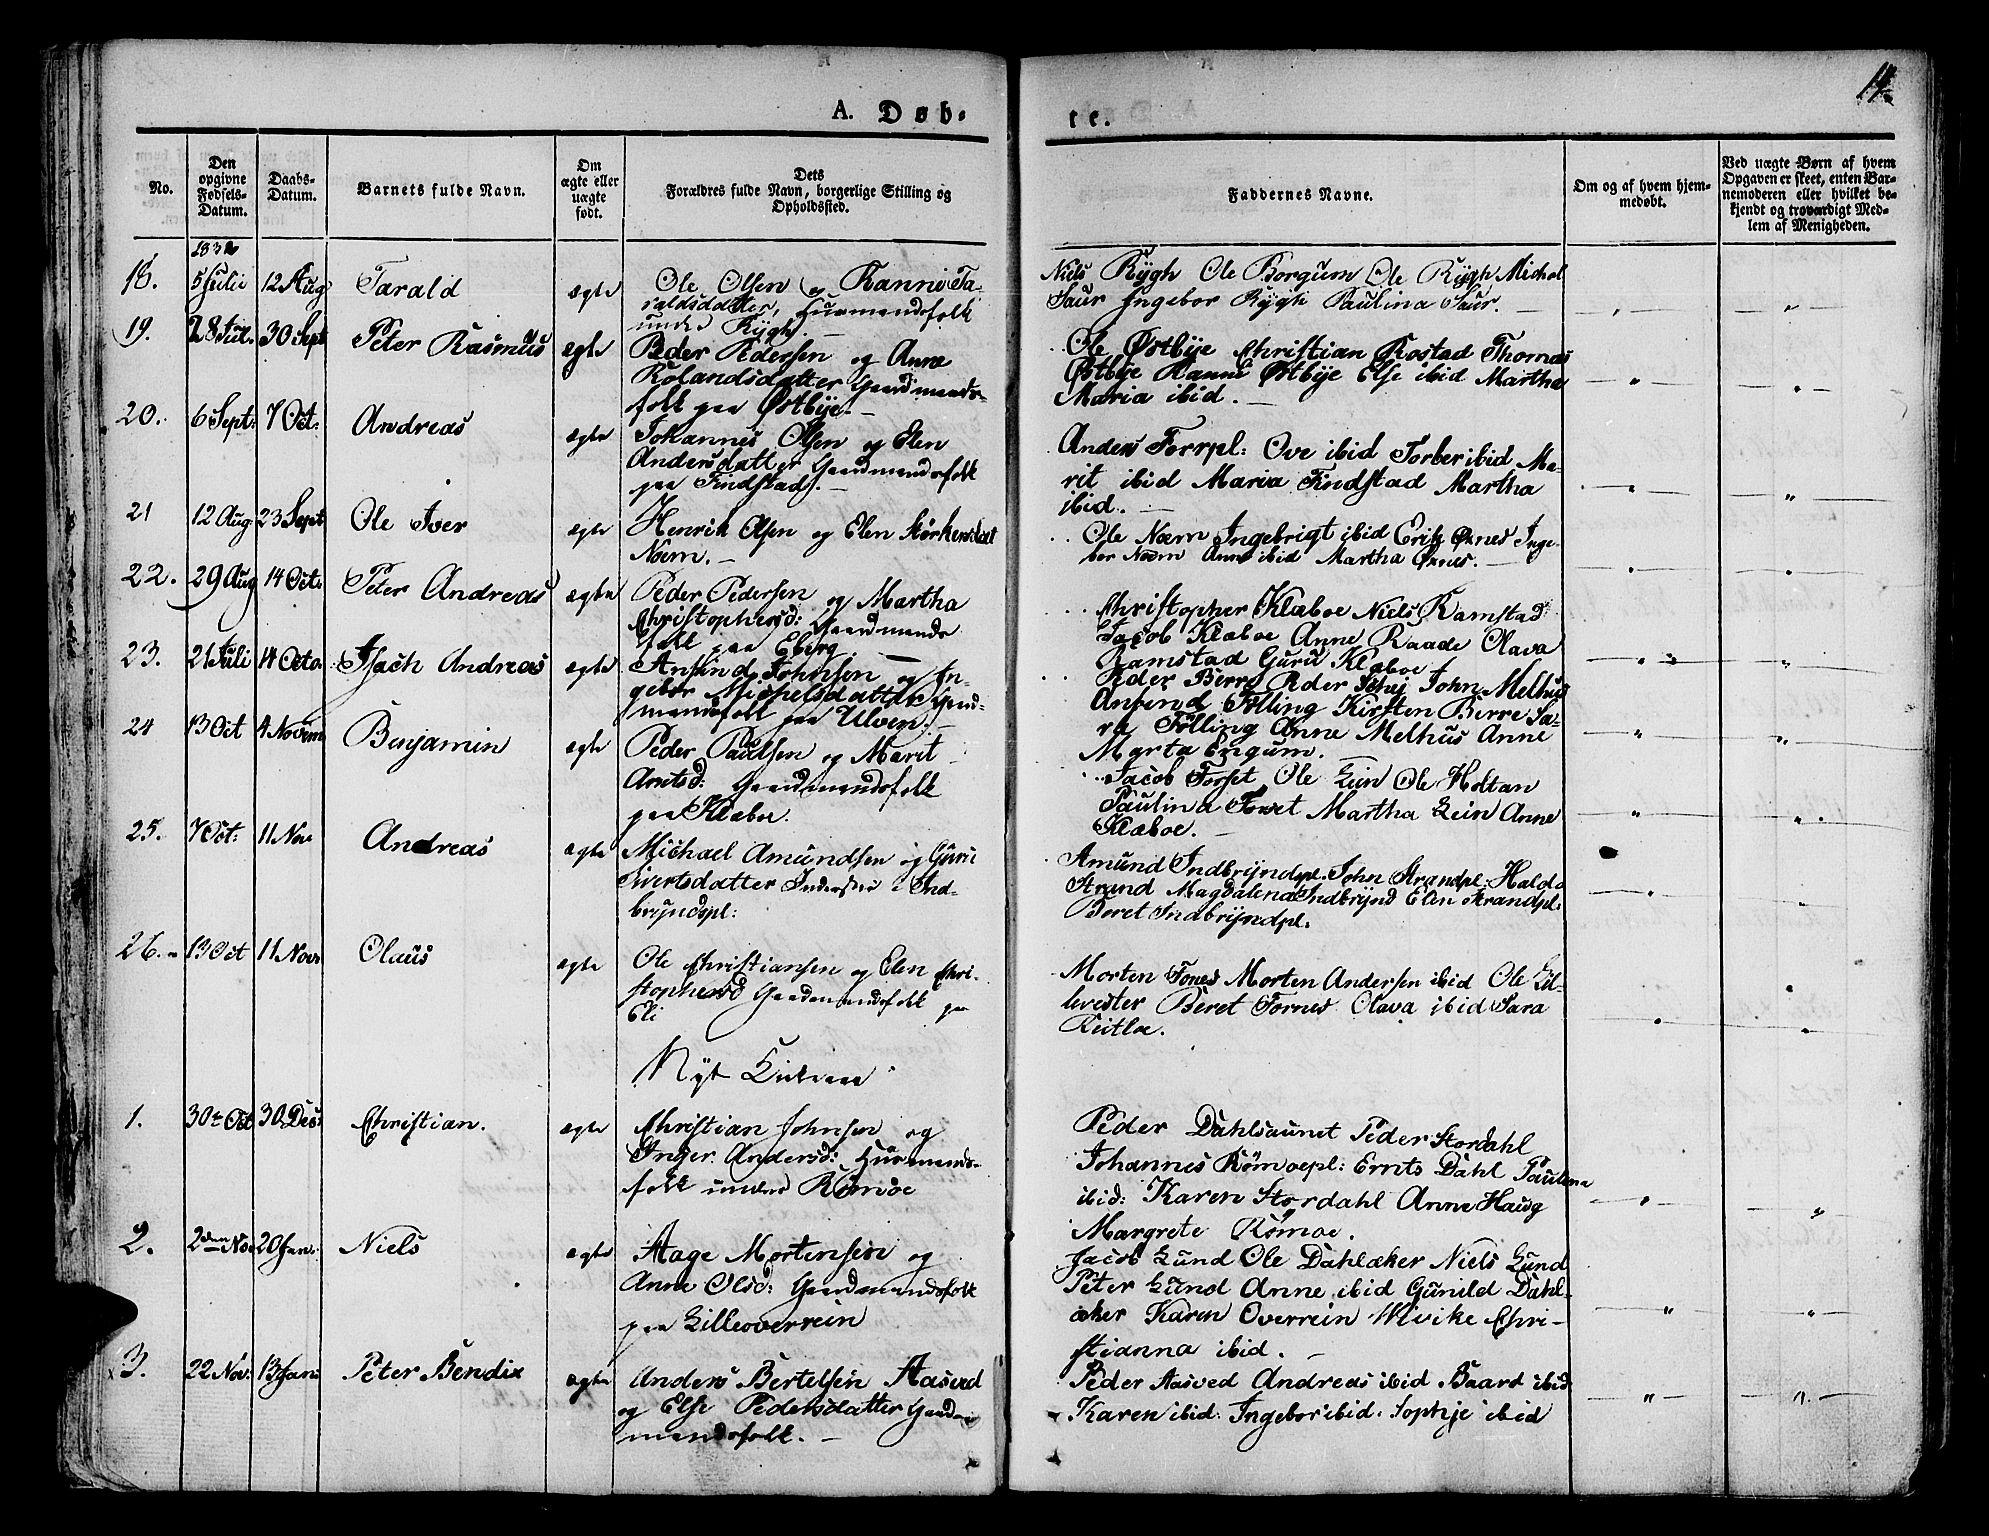 SAT, Ministerialprotokoller, klokkerbøker og fødselsregistre - Nord-Trøndelag, 746/L0445: Ministerialbok nr. 746A04, 1826-1846, s. 14